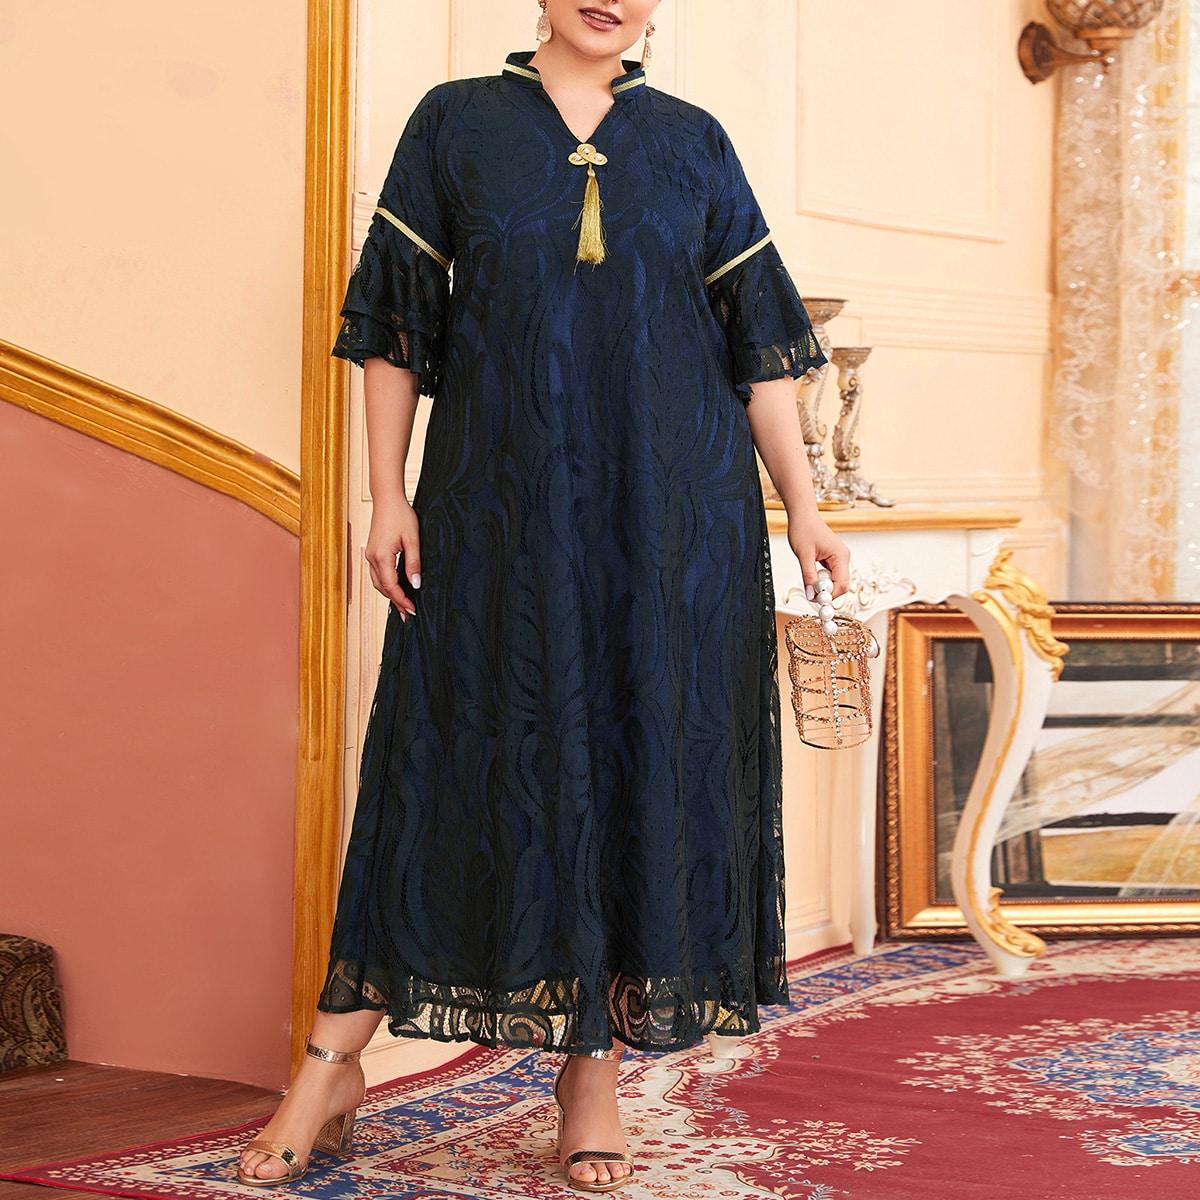 Кружевное платье-туника размера плюс с клиновидным вырезом